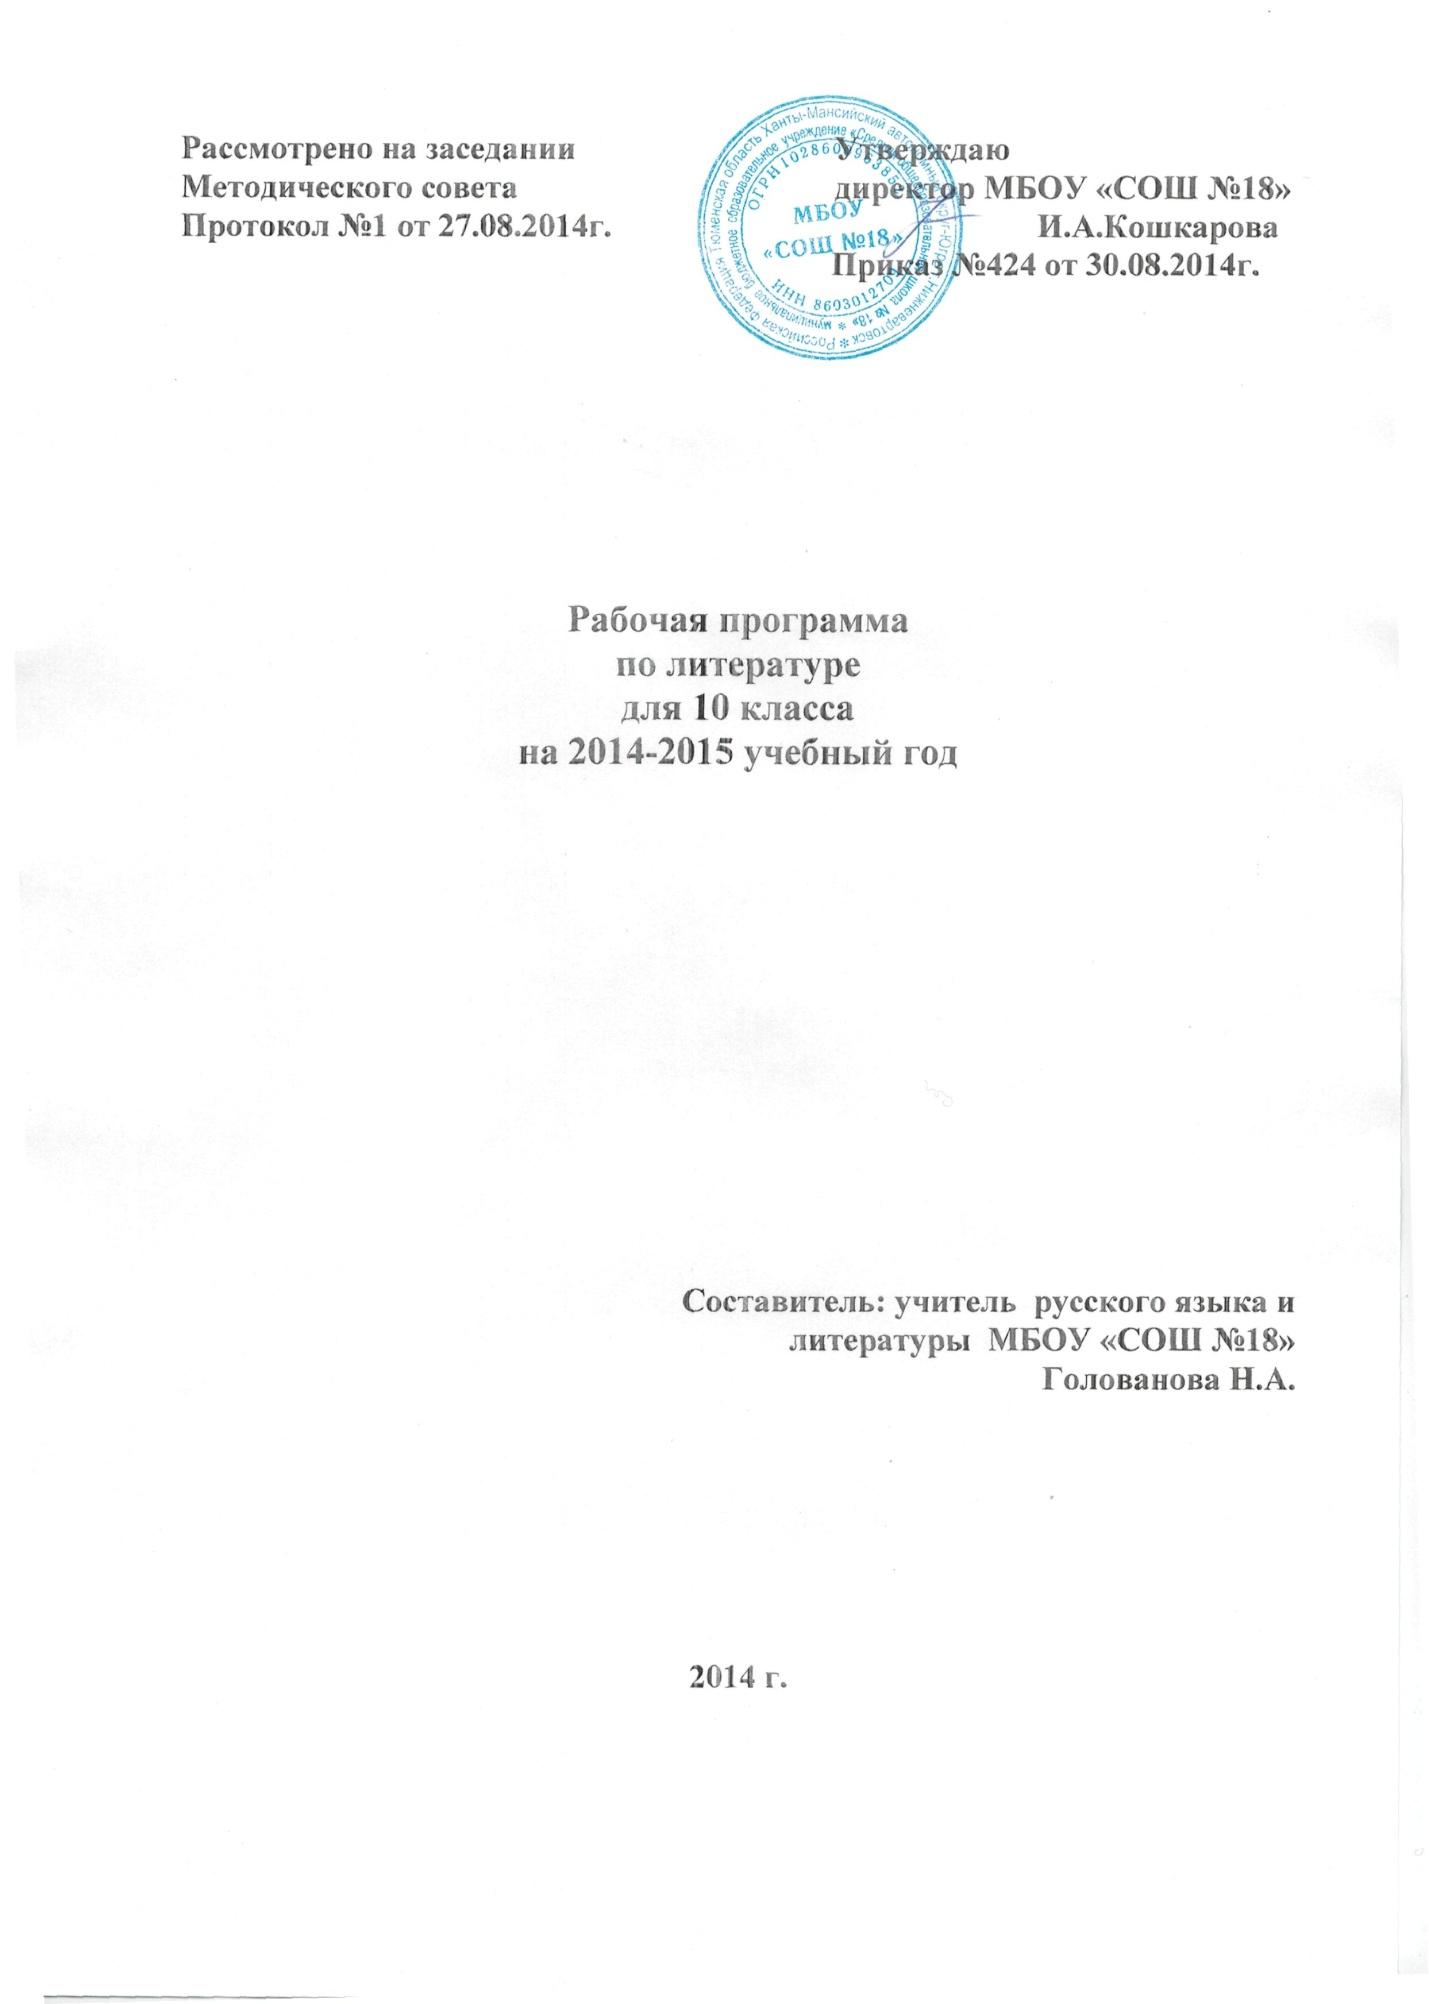 E:\Голованова Рабочие программы на 2014-2015 уч.год\Голованова программы на 2014-2015\титульный лист по лит10 кл.jpg